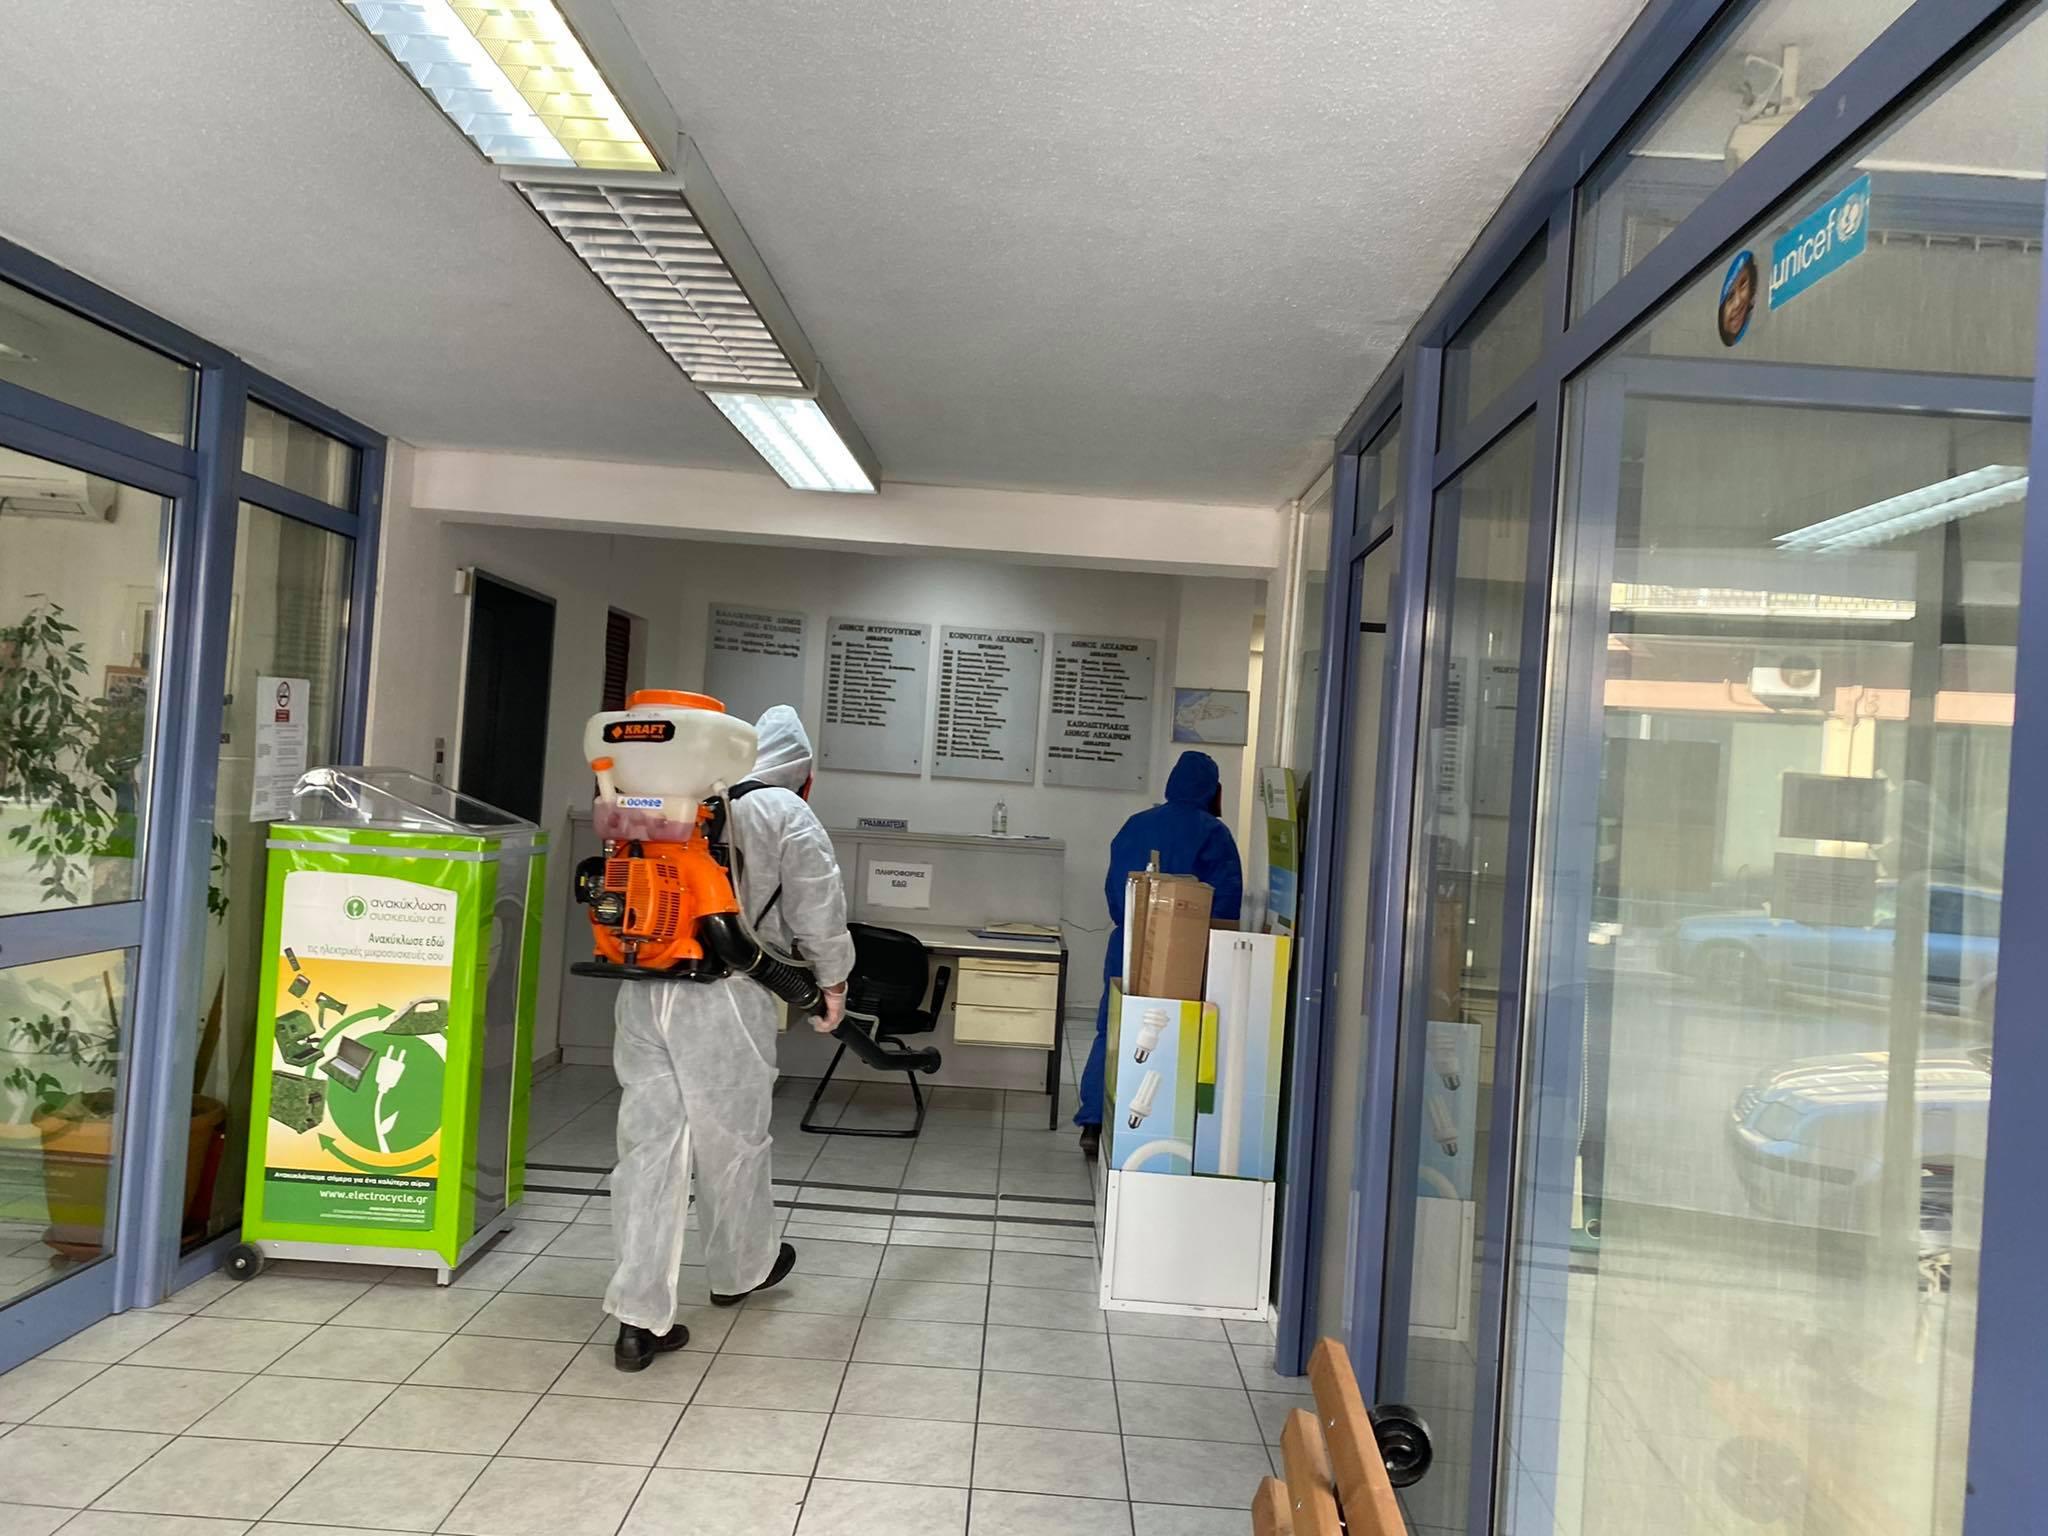 Δήμος Ανδραβίδας-Κυλλήνης: Κρούσμα κορωνοϊού στο δημαρχείο στα Λεχαινά- Κλειστό για απολύμανση, όπως και όλα τα δημοτικά κτίρια- Τη Δευτέρα 25/1 covid test σε όλους τους υπαλλήλους  (photos)